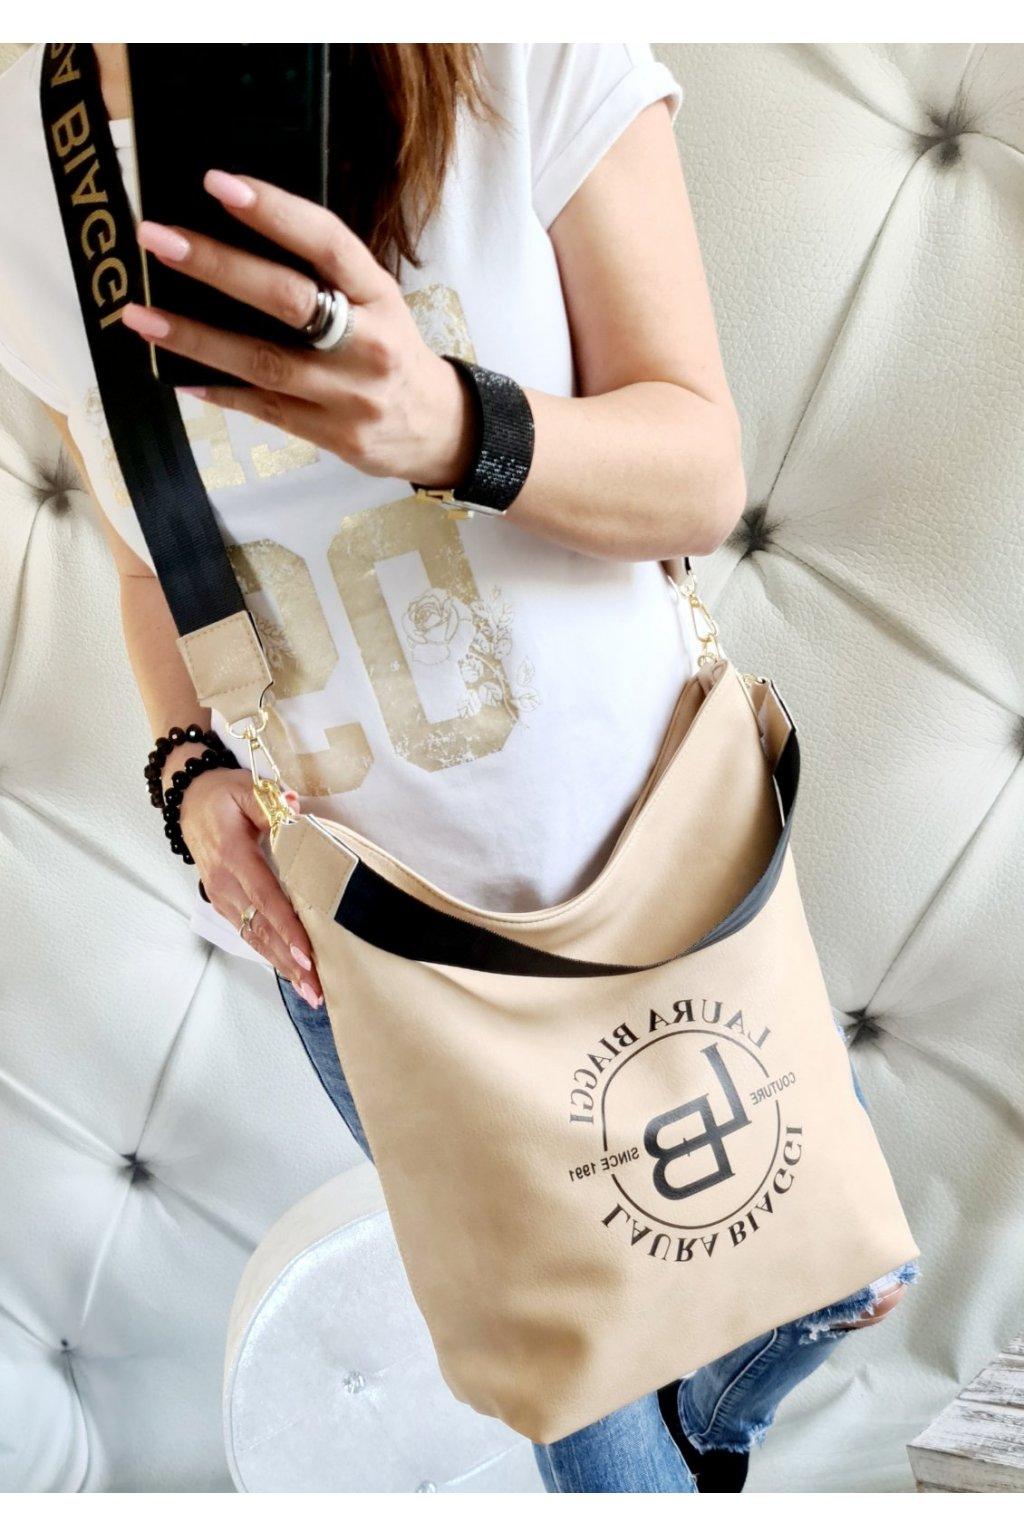 kabelka laura biaggi pytel béžový trendy luxusní kabelky značkové